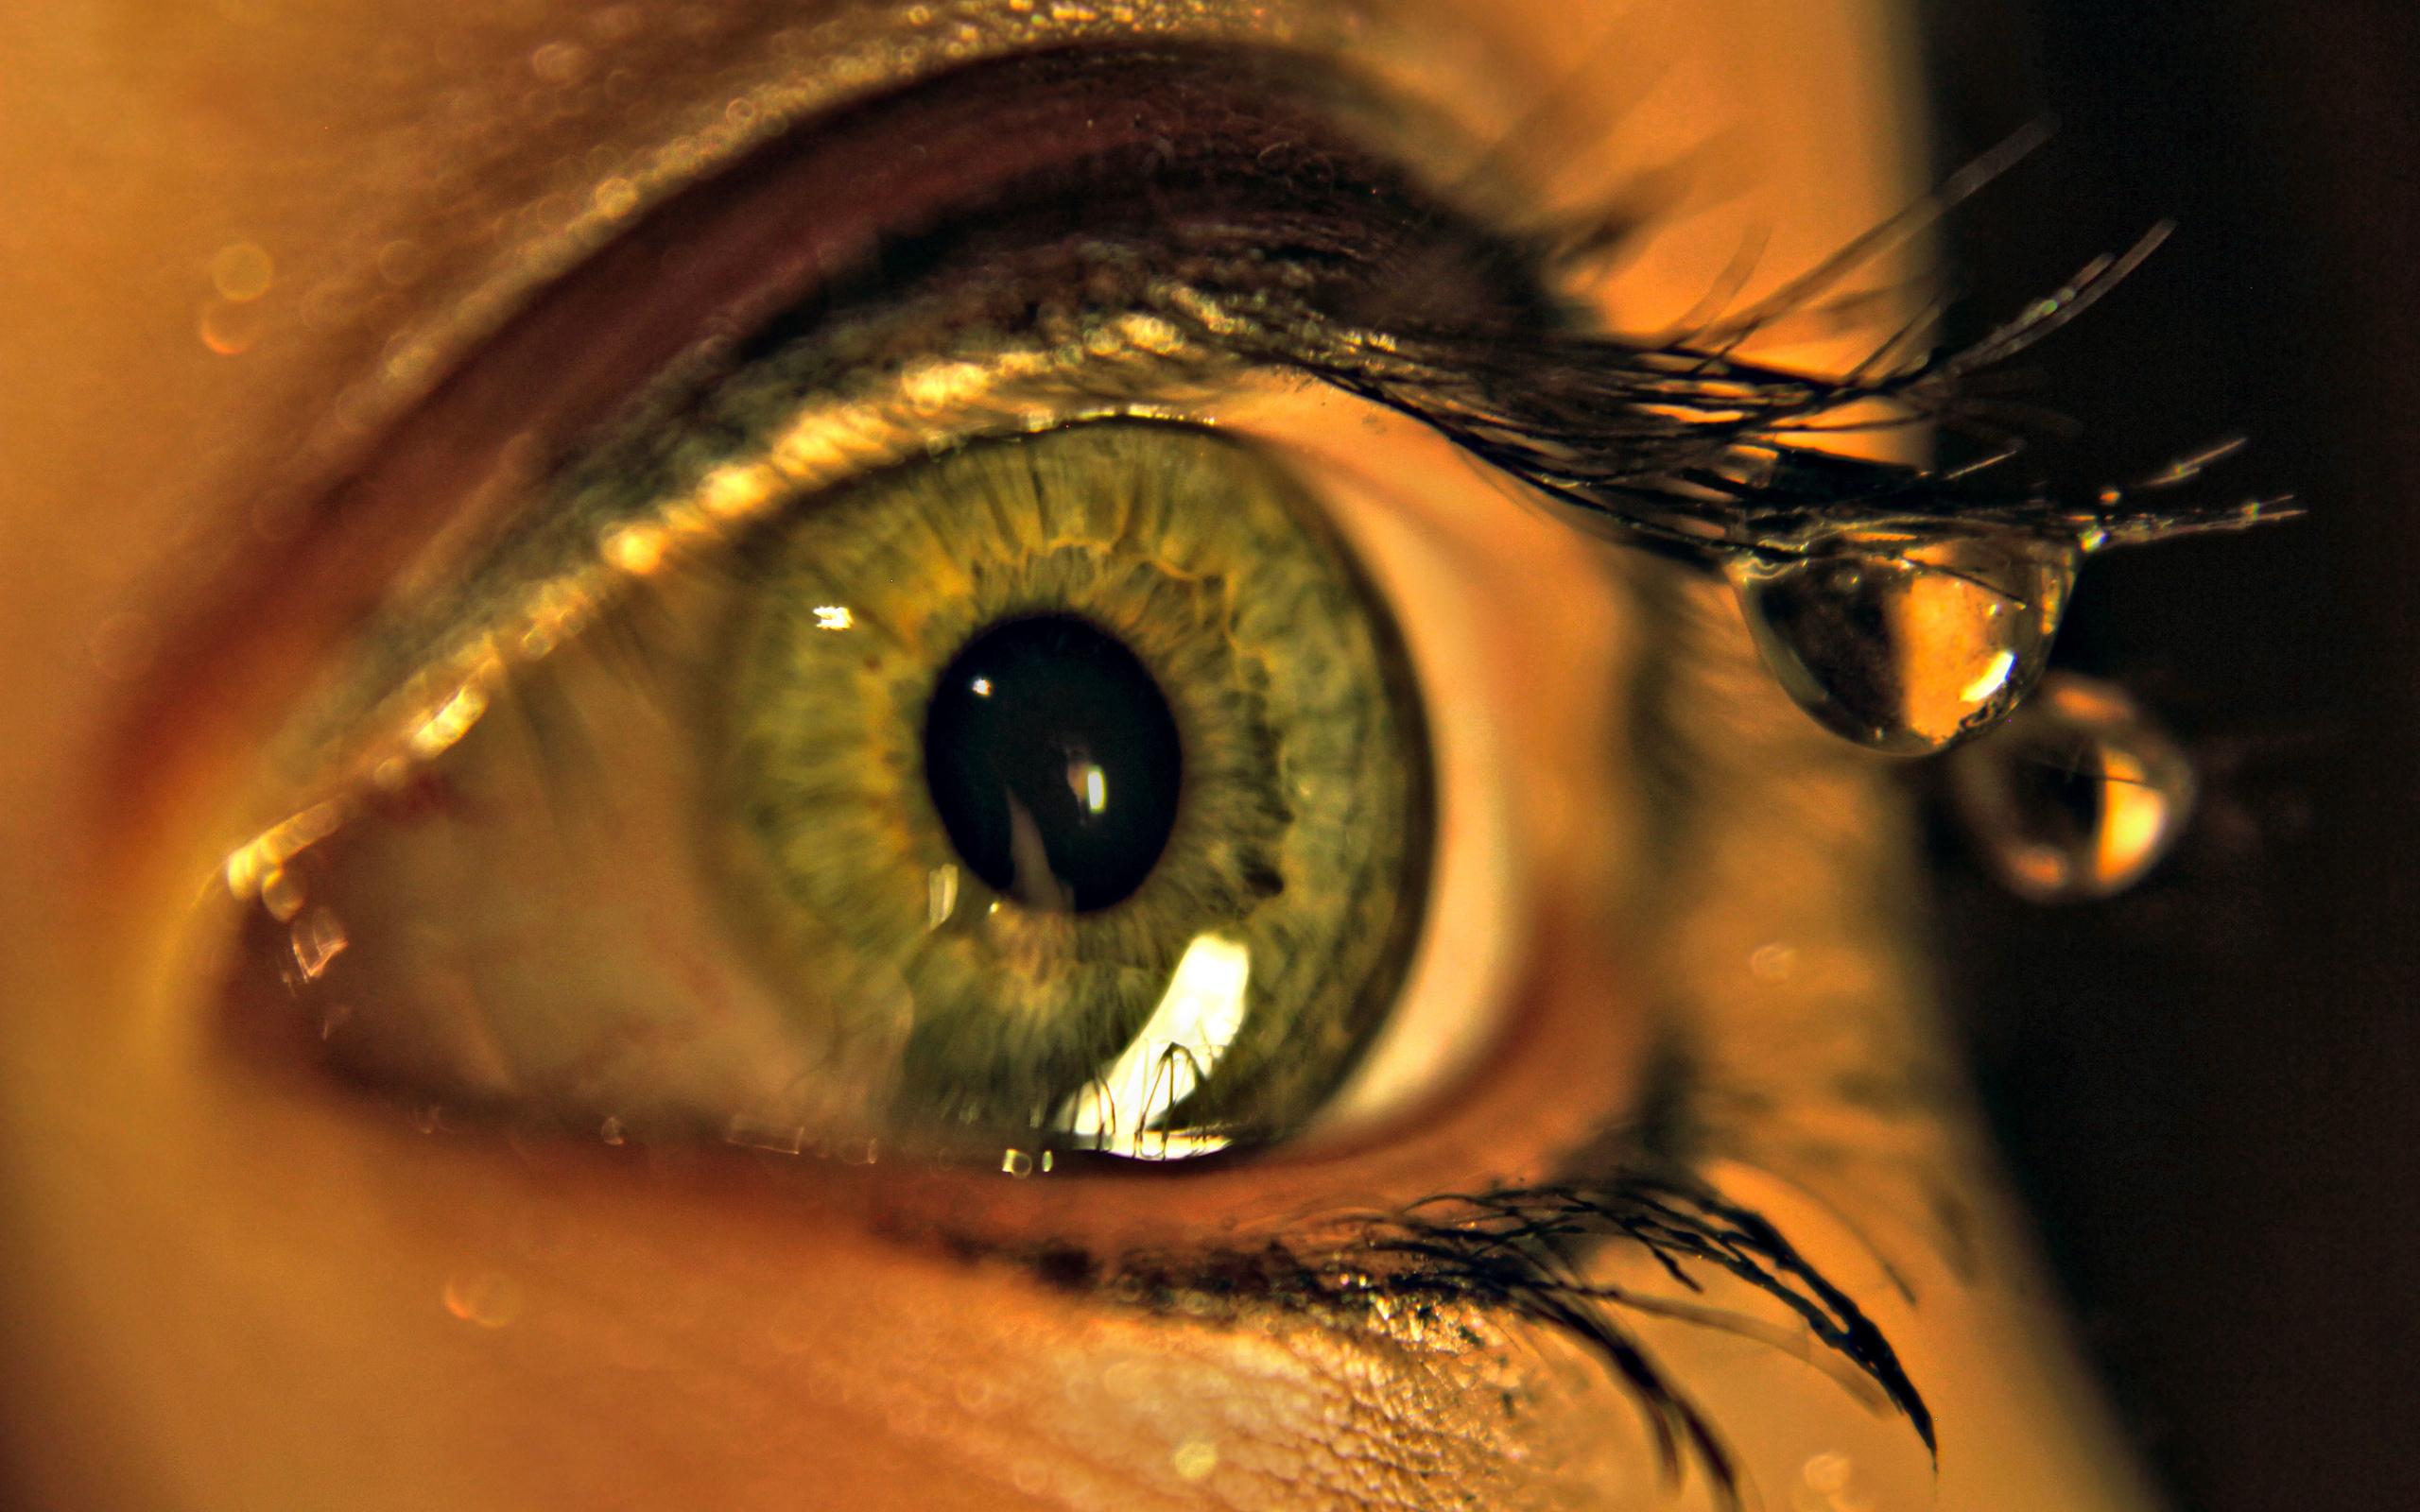 О силе внутреннего волнения можно судить по  размеру зрачка